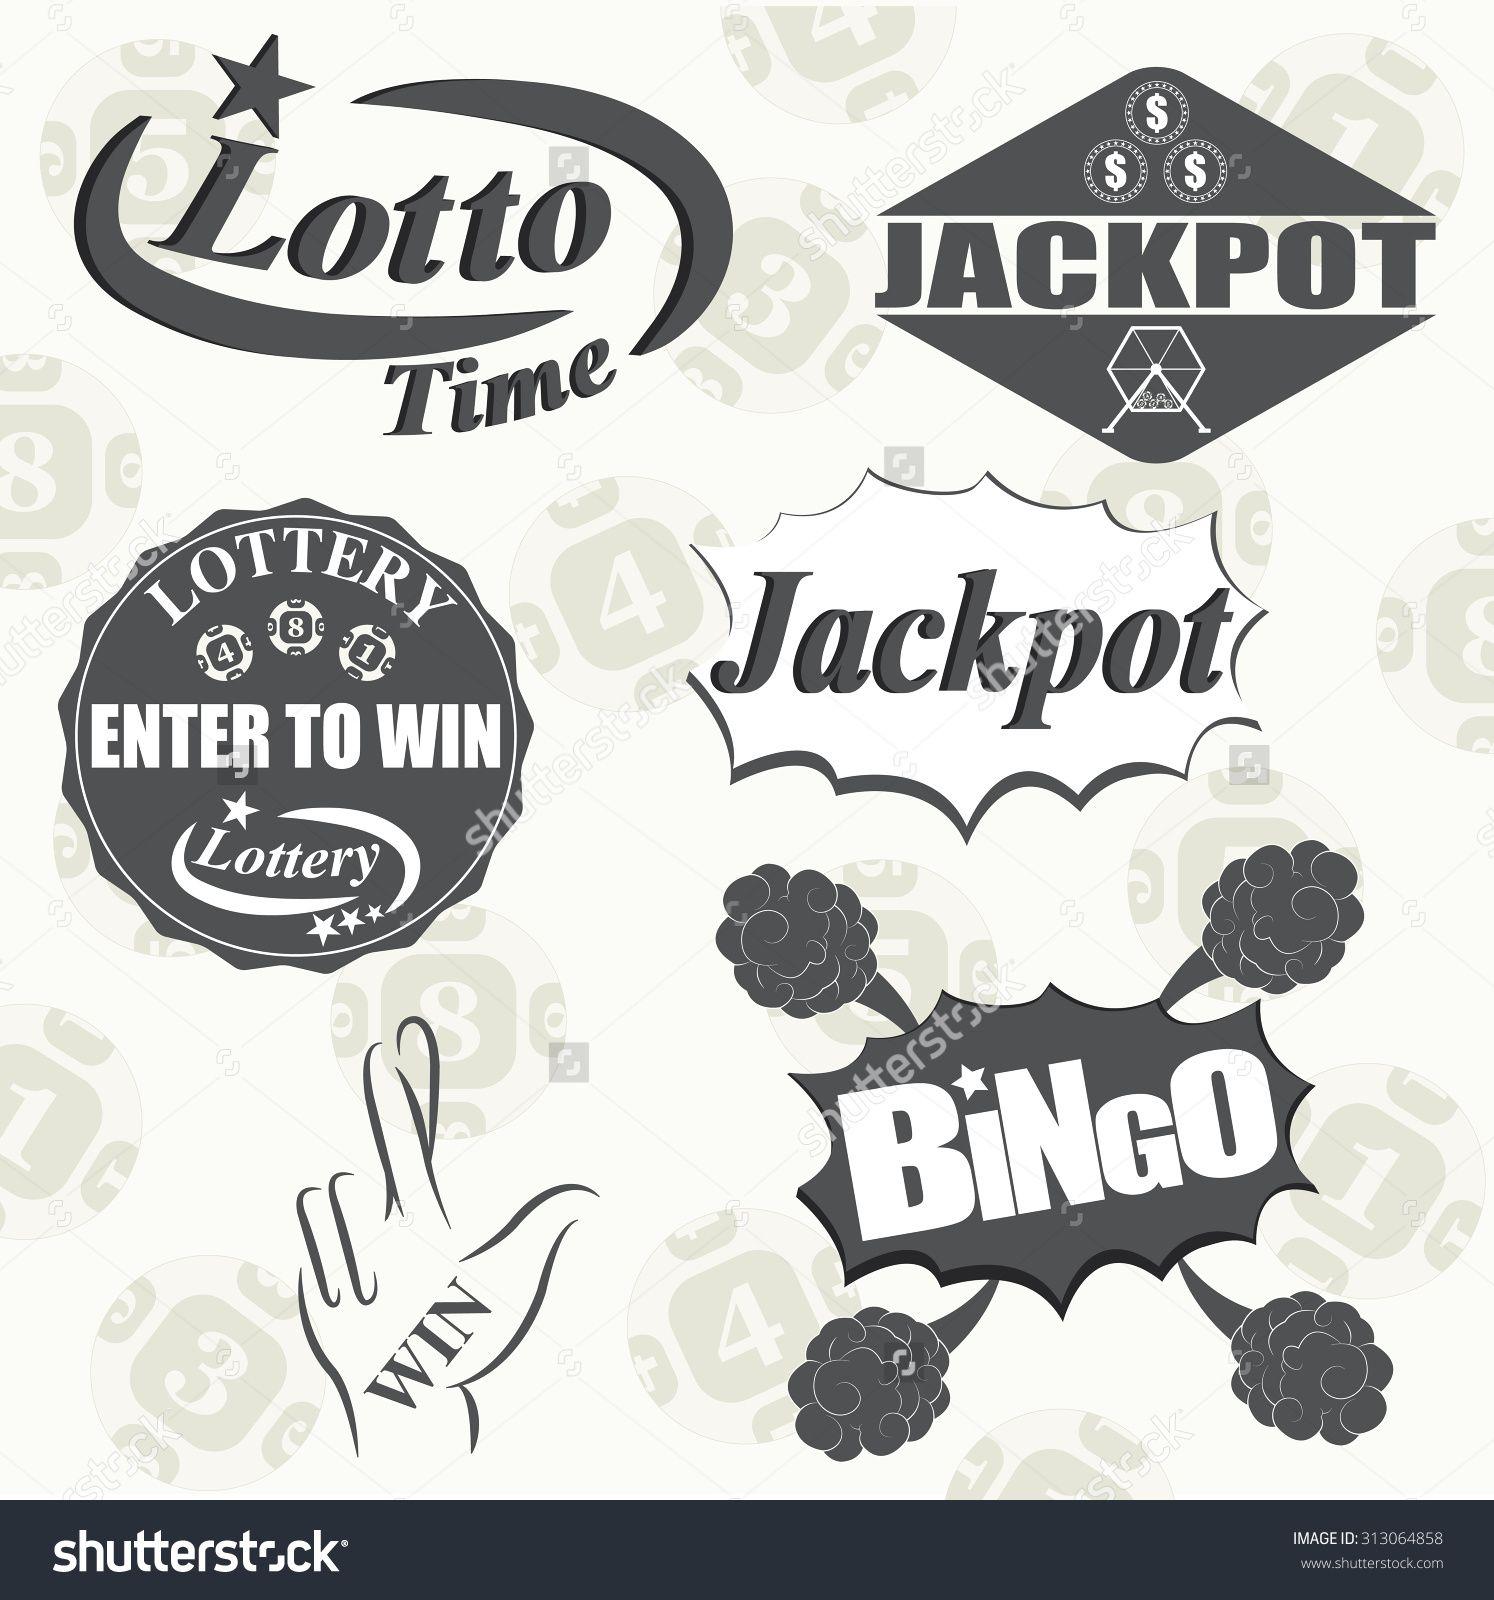 ❤I LendaV.L.WON the 2016 September Lotto jackpot❤